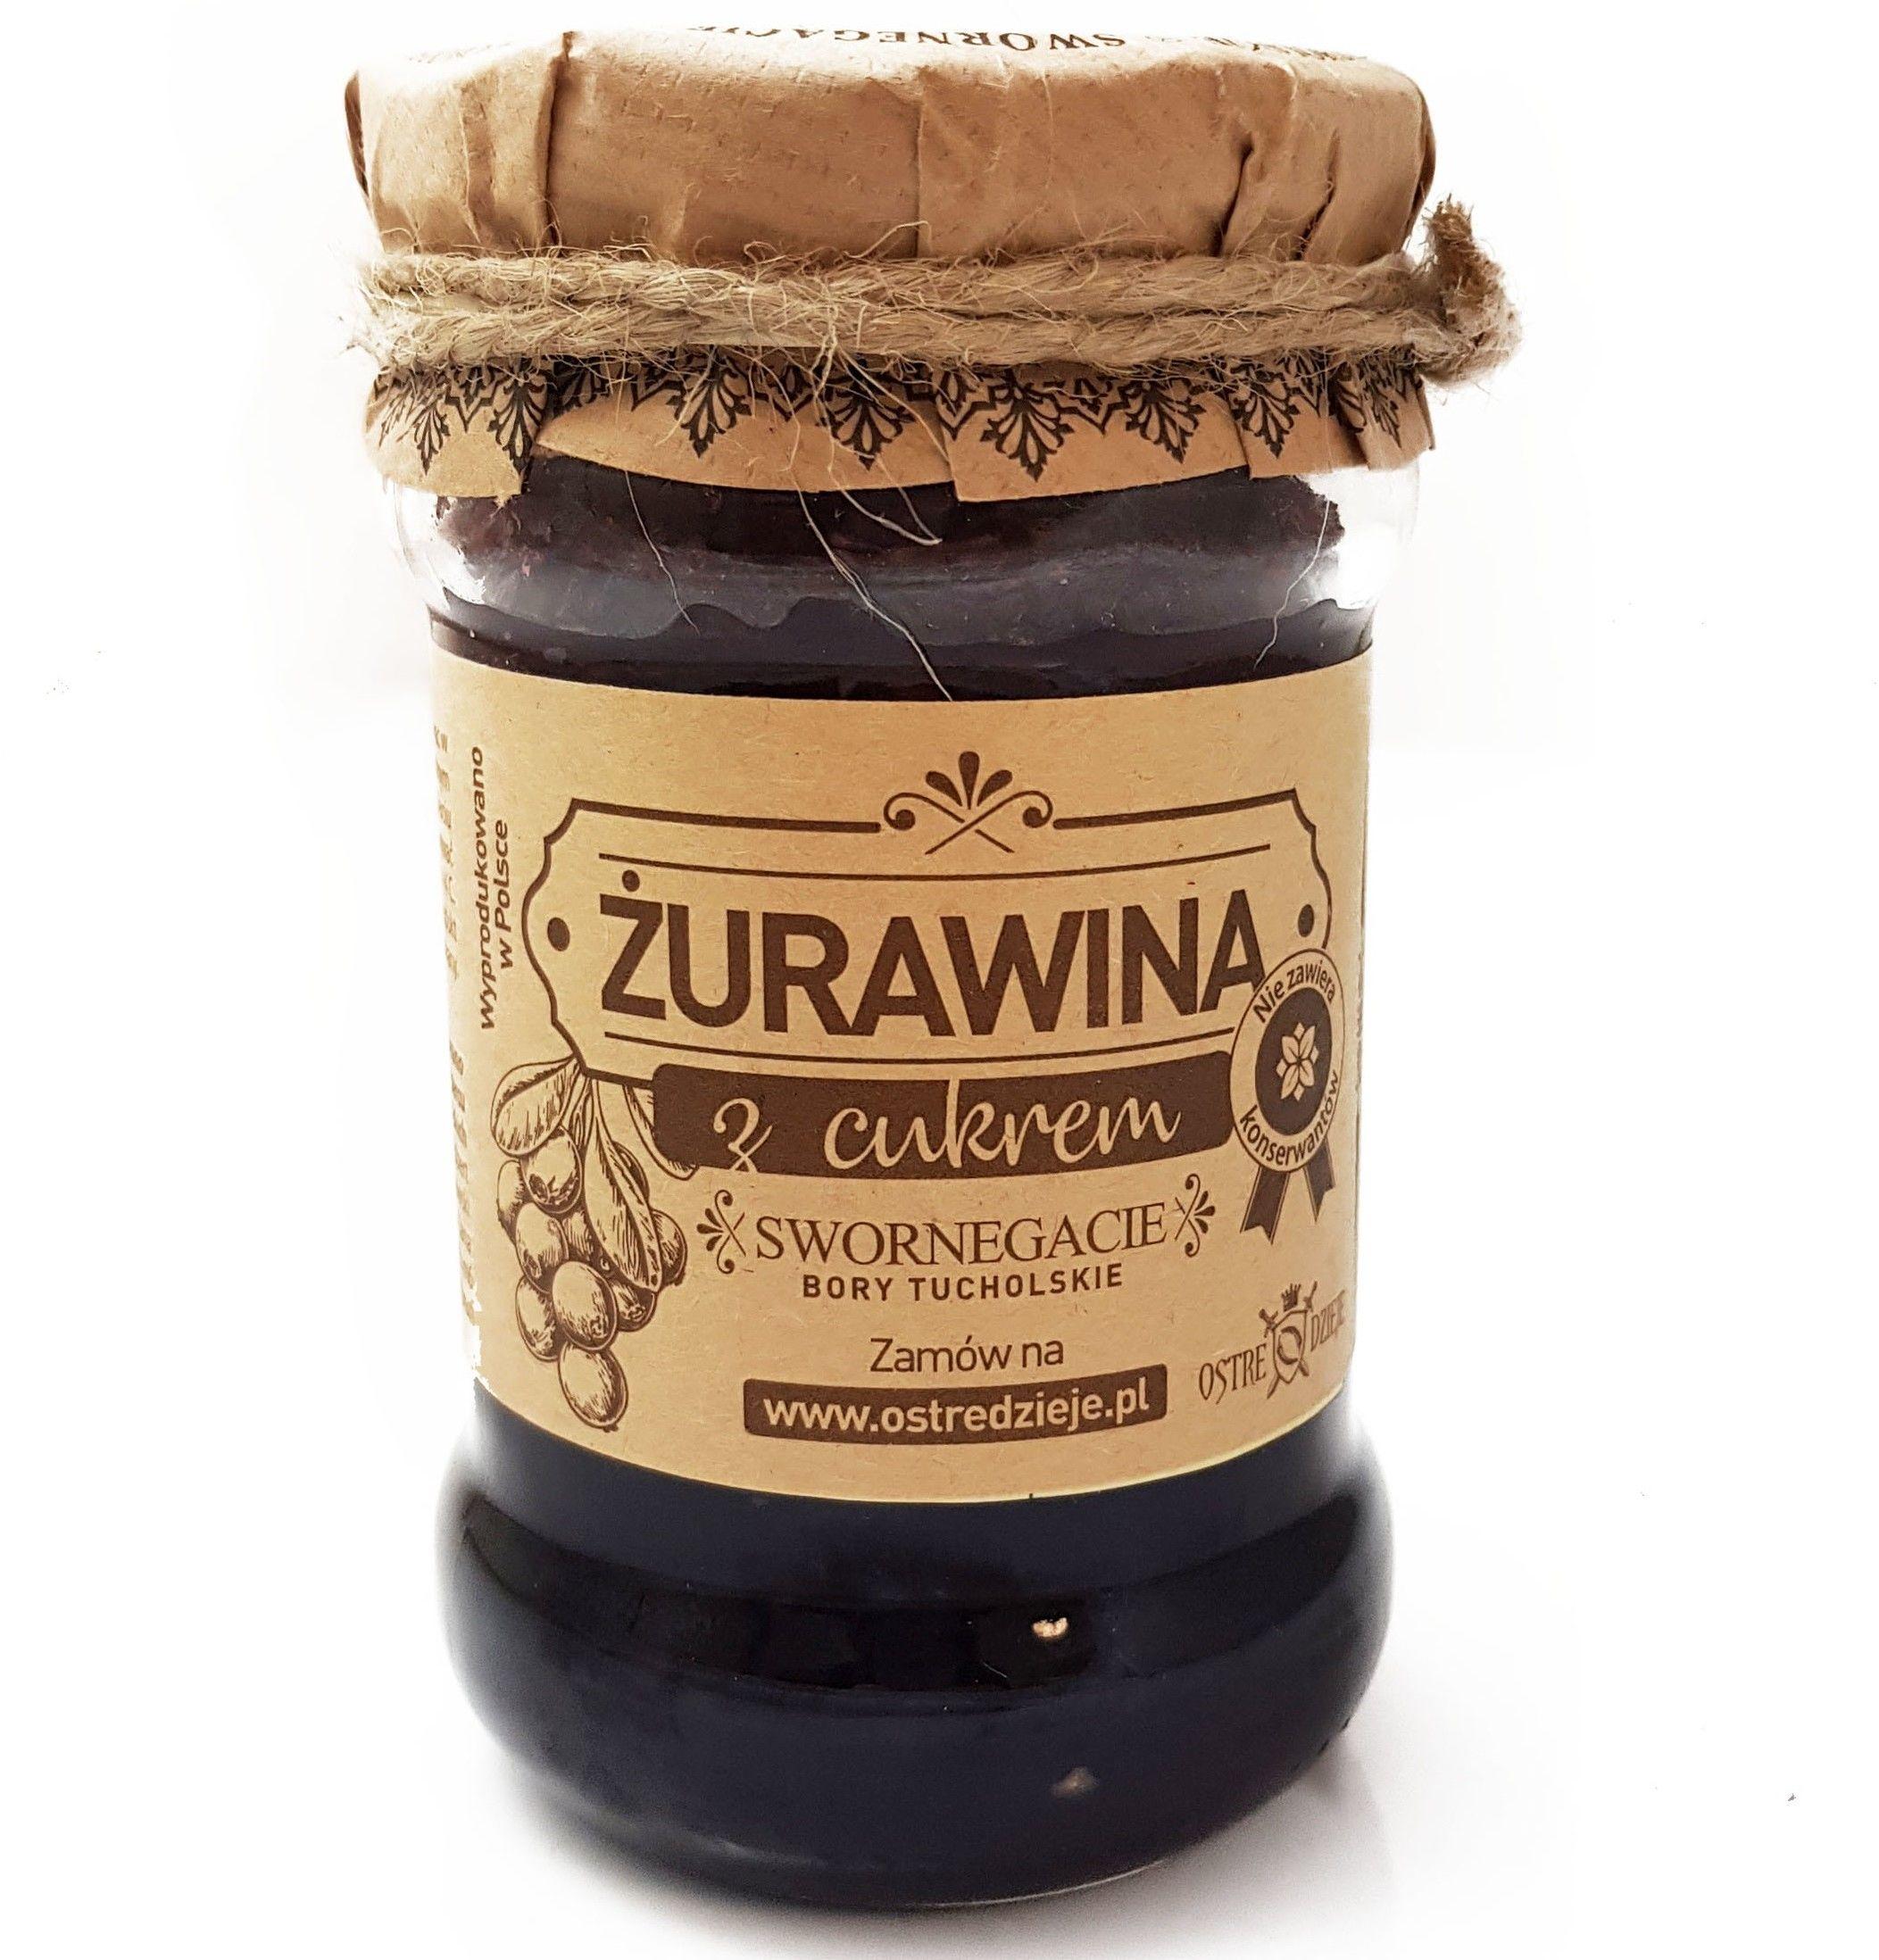 Żurawina błotna miksowana z cukrem. Bez konserwantów z Borów Tucholskich. Tradycyjna receptura.